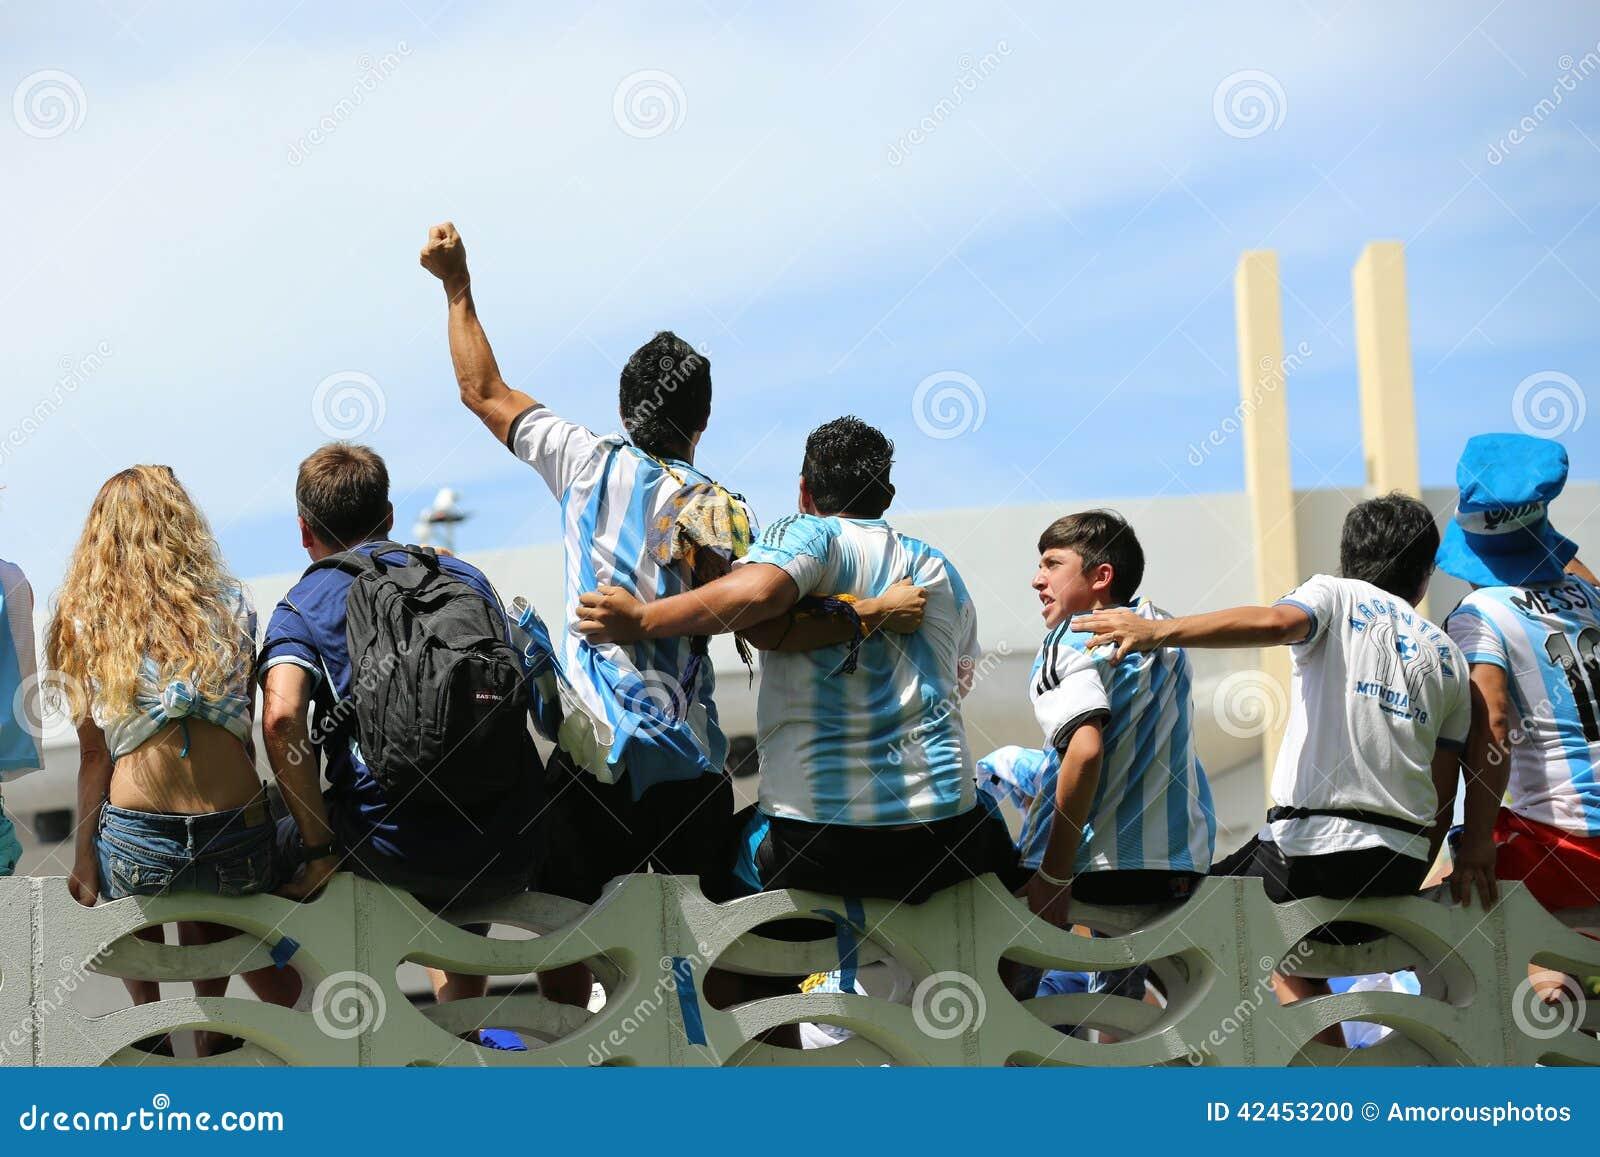 Fußball-Weltmeisterschaft 2014 Fußballfans